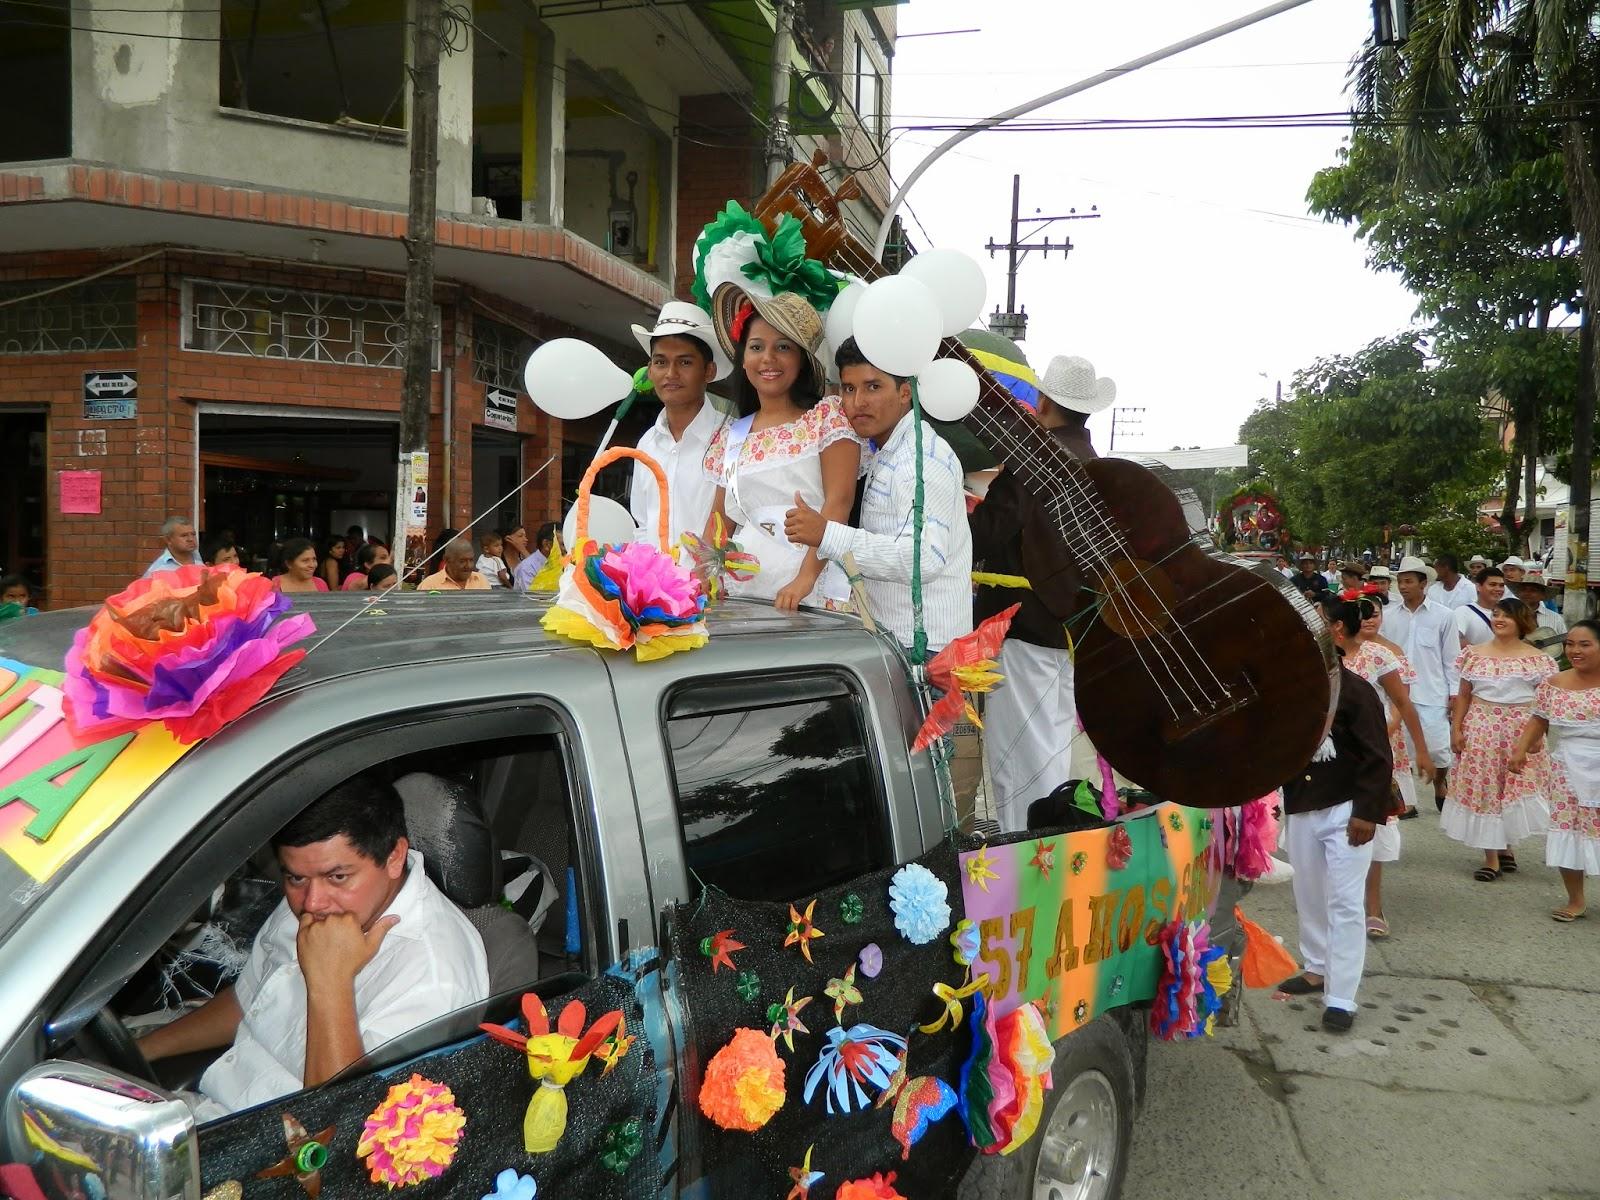 La cultura de los departamentos del Huila,Tolima, Cundinamarca, Chocó